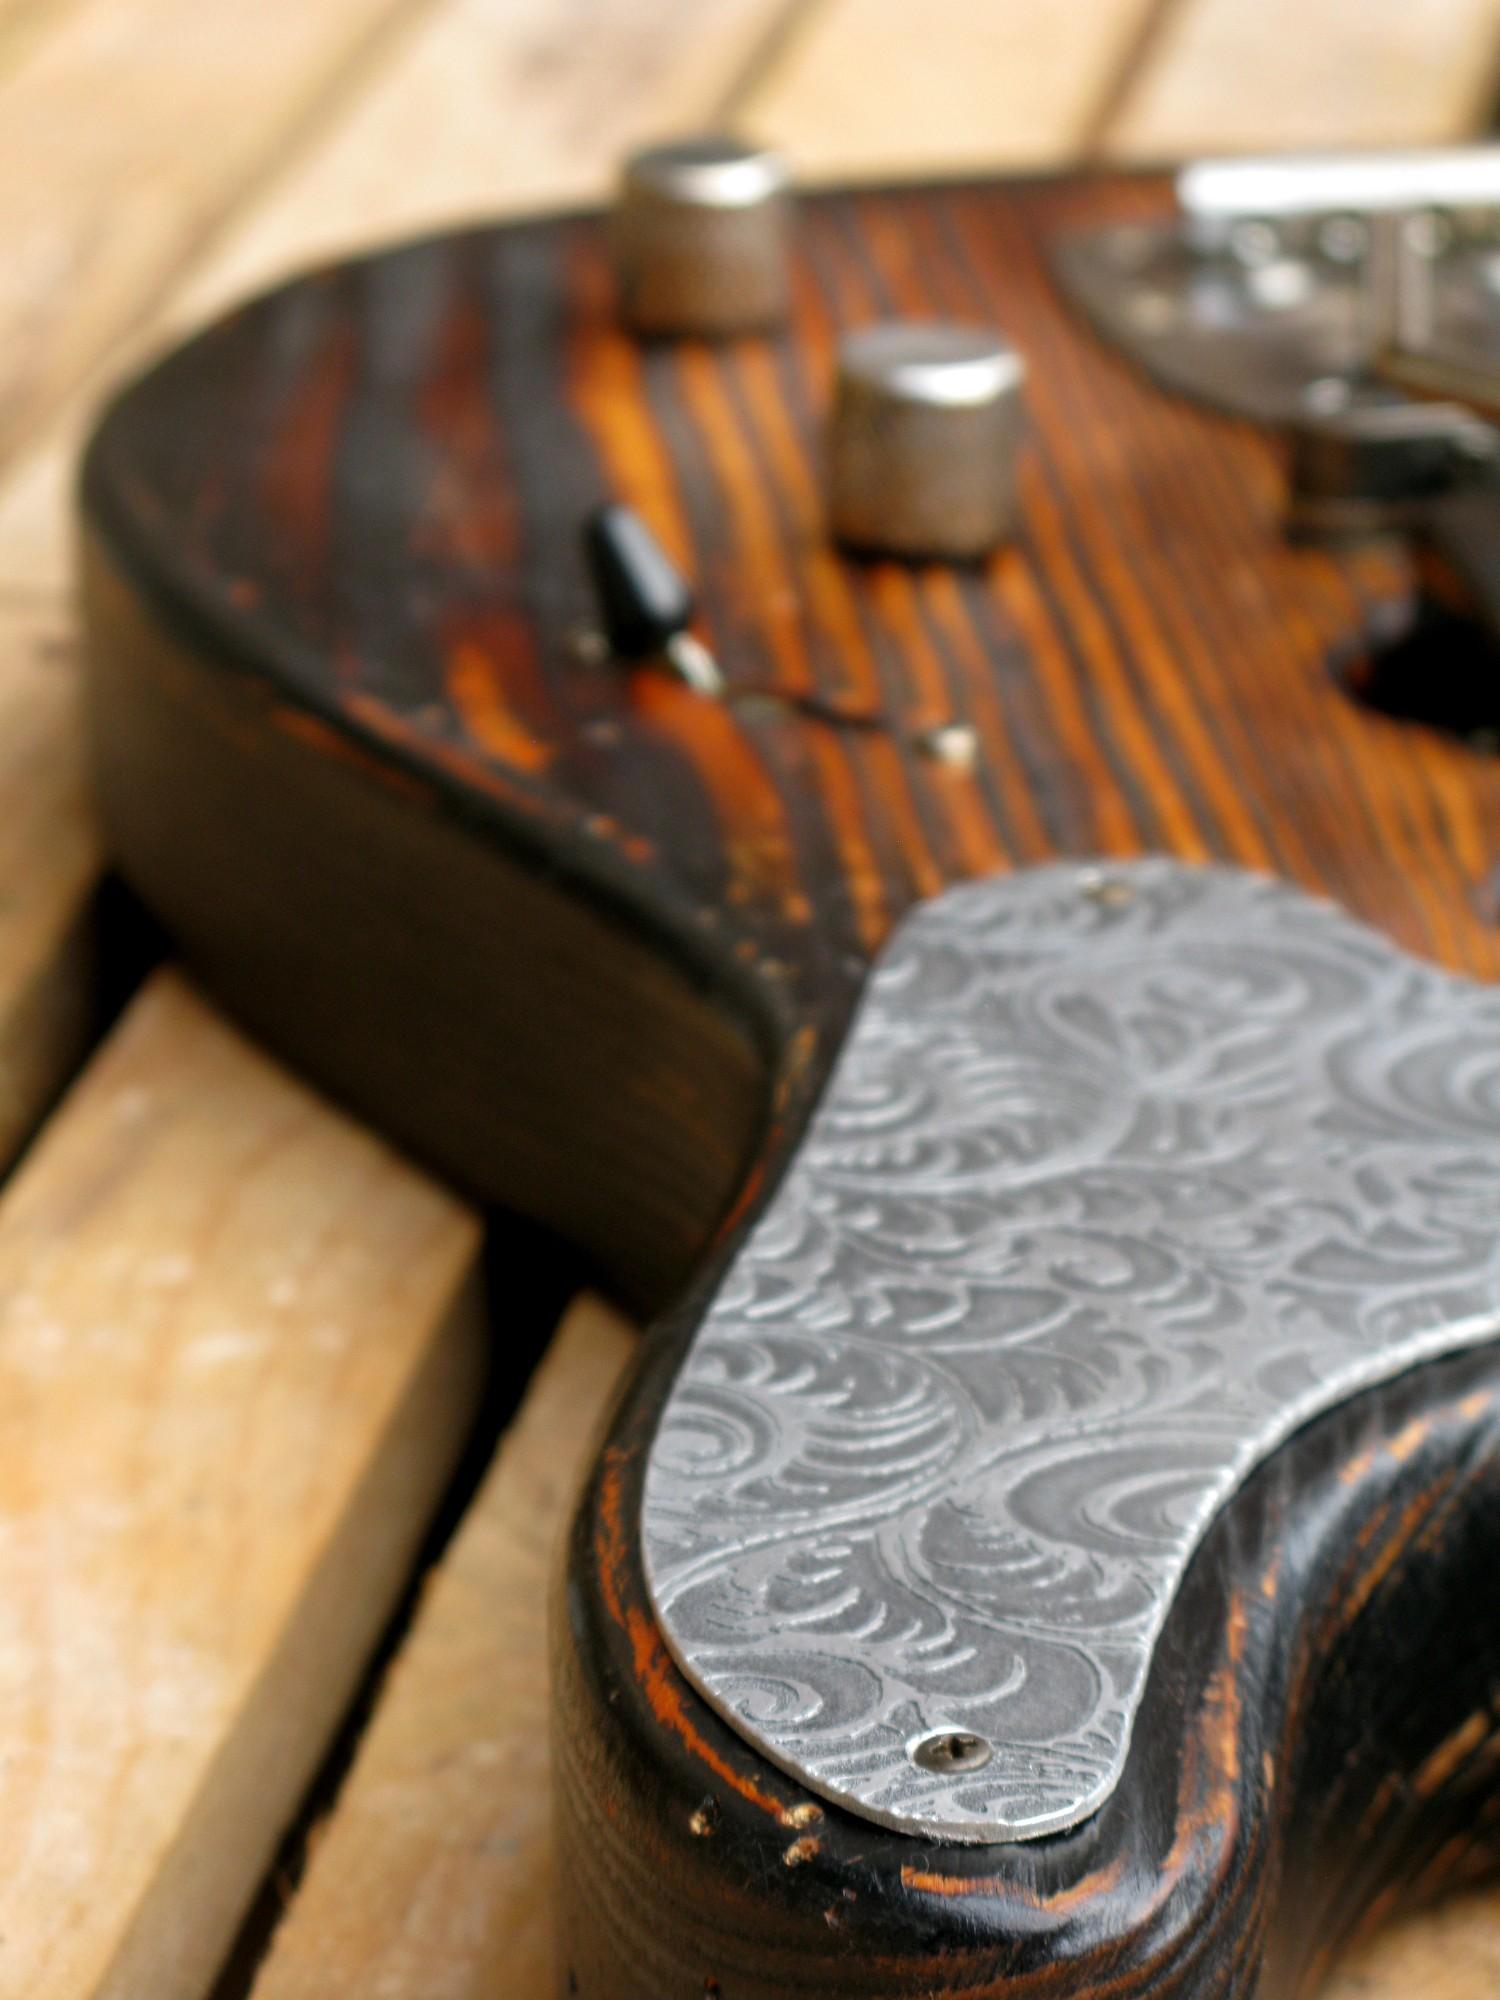 Chitarra modello Stratocaster, body in pino, manico in frassino, reverse: battipenna inciso